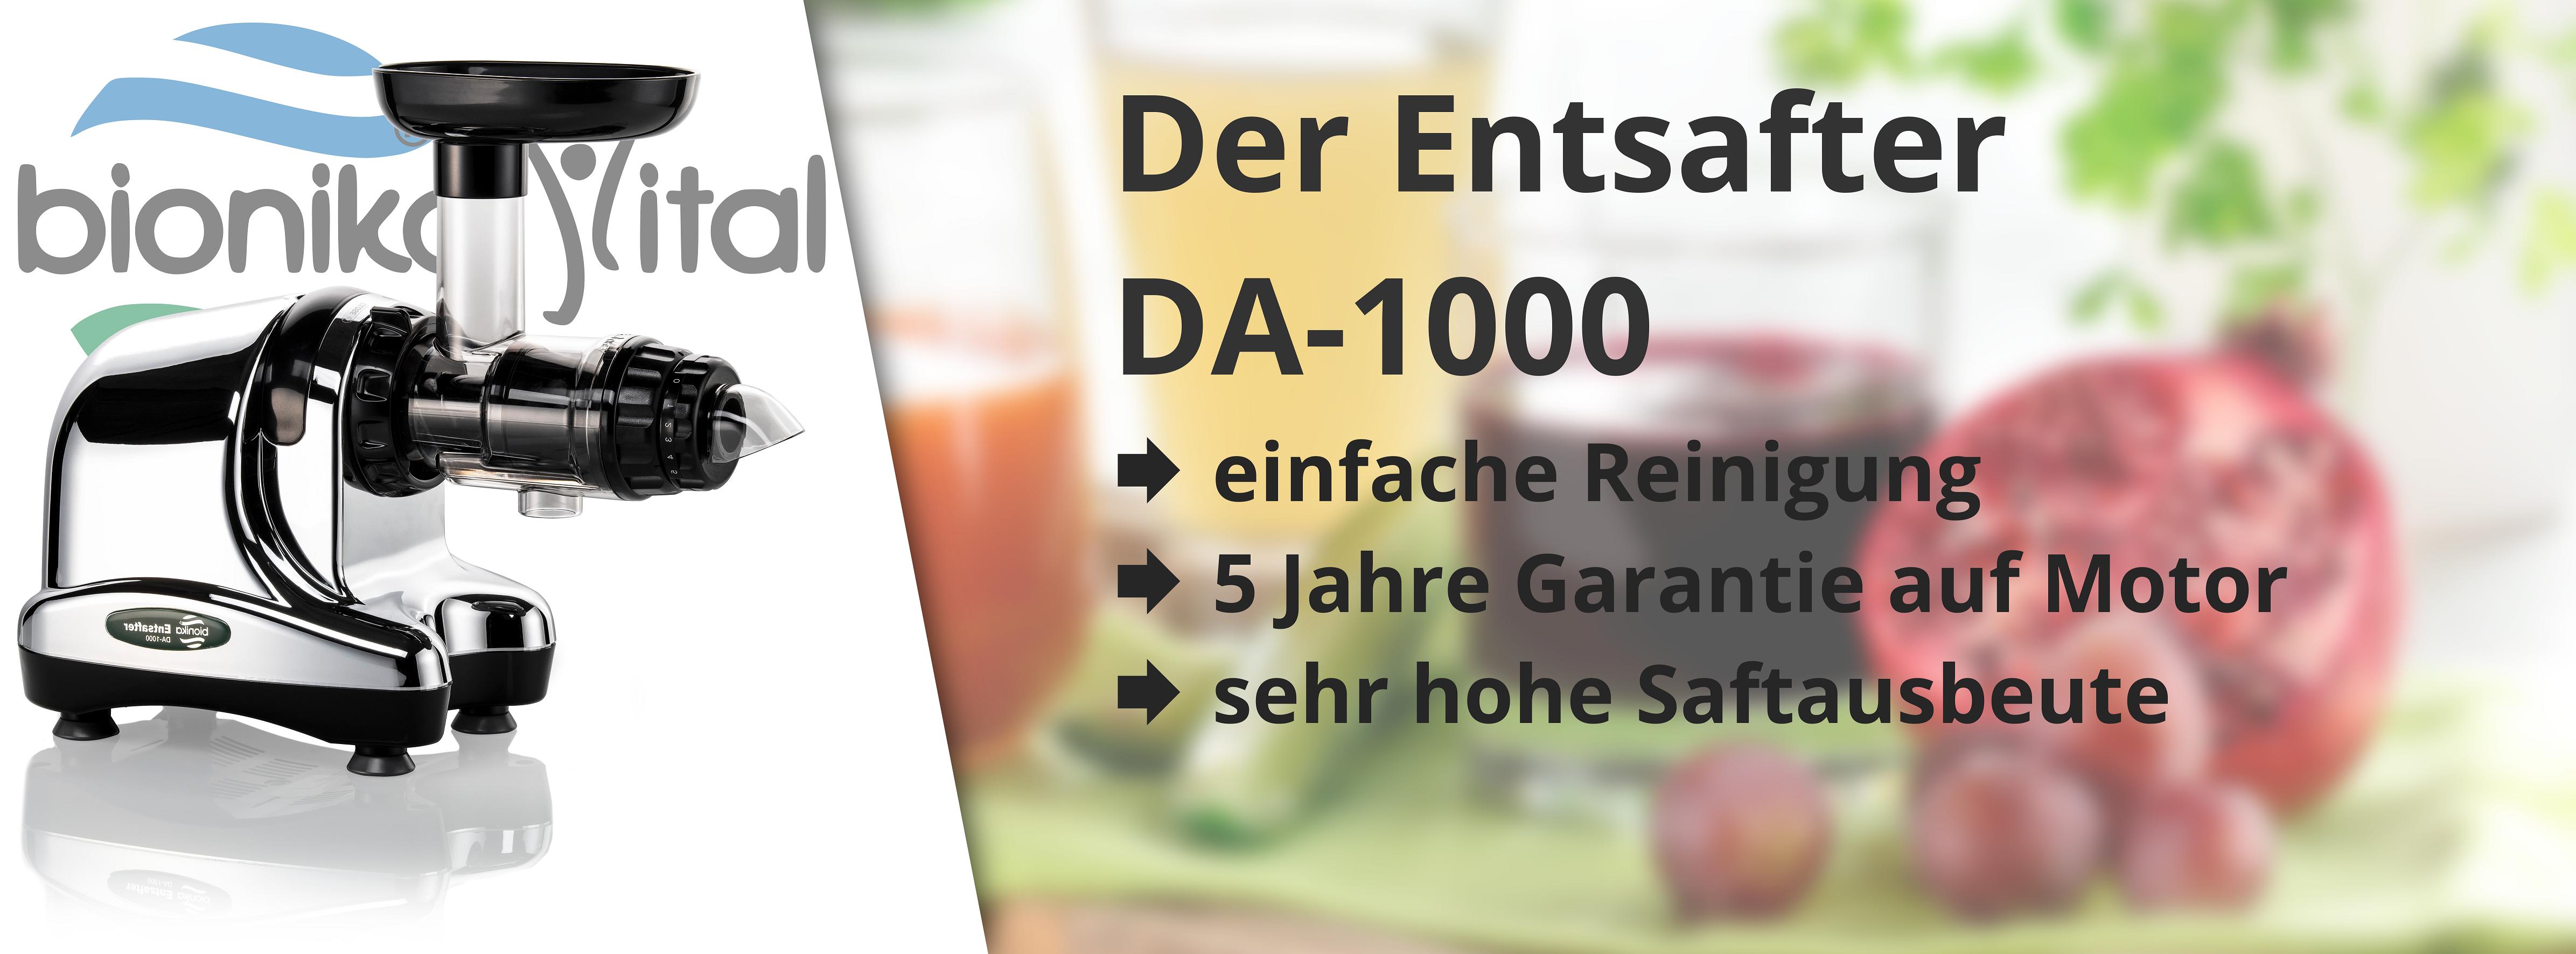 Bionika Entsafter DA-1000 in 5 Farben